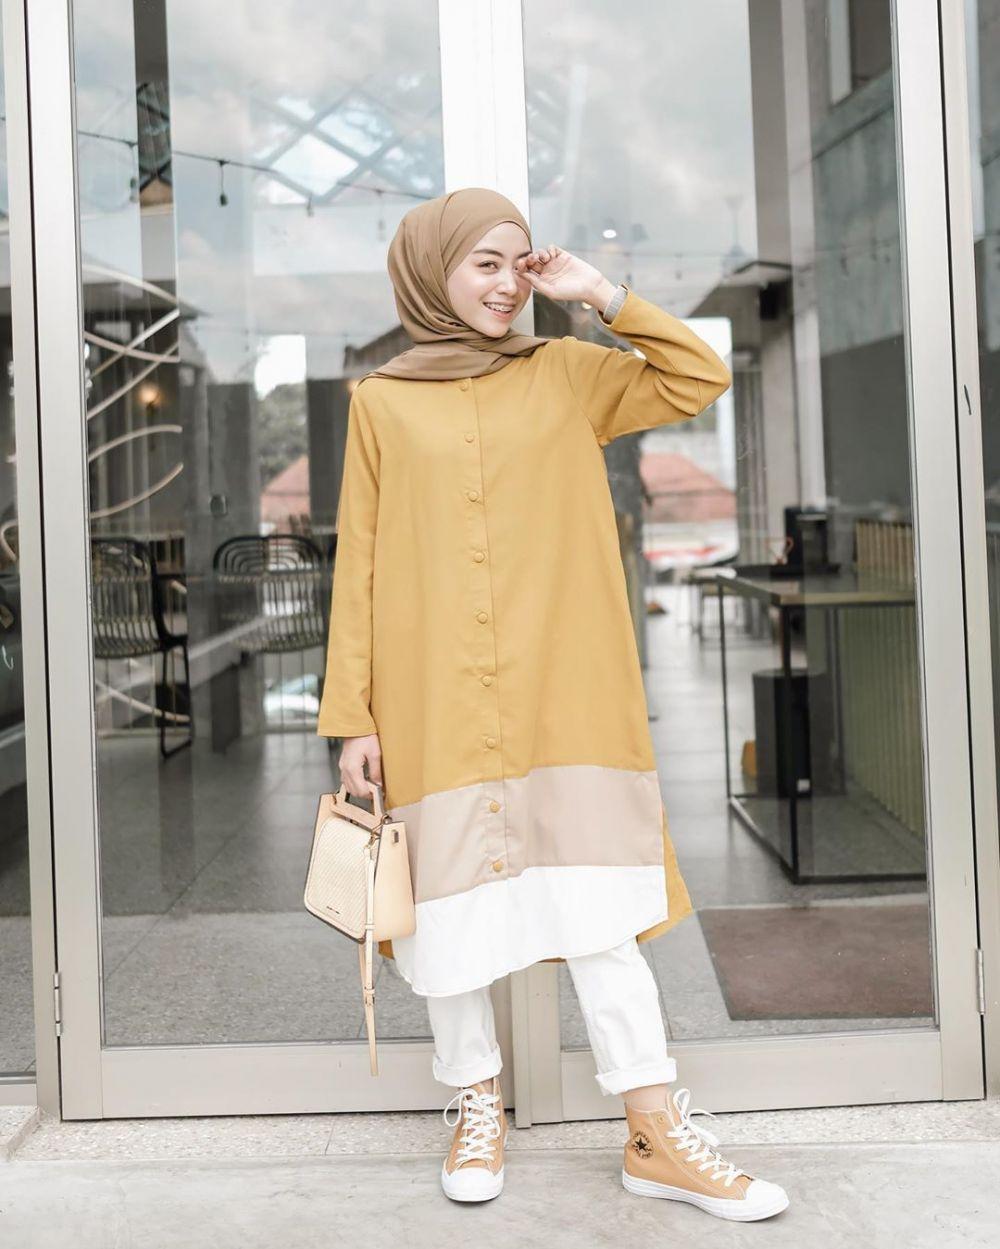 10 Ide Mix and Match Hijab & Yellow Outfit ala Meirani Amalia